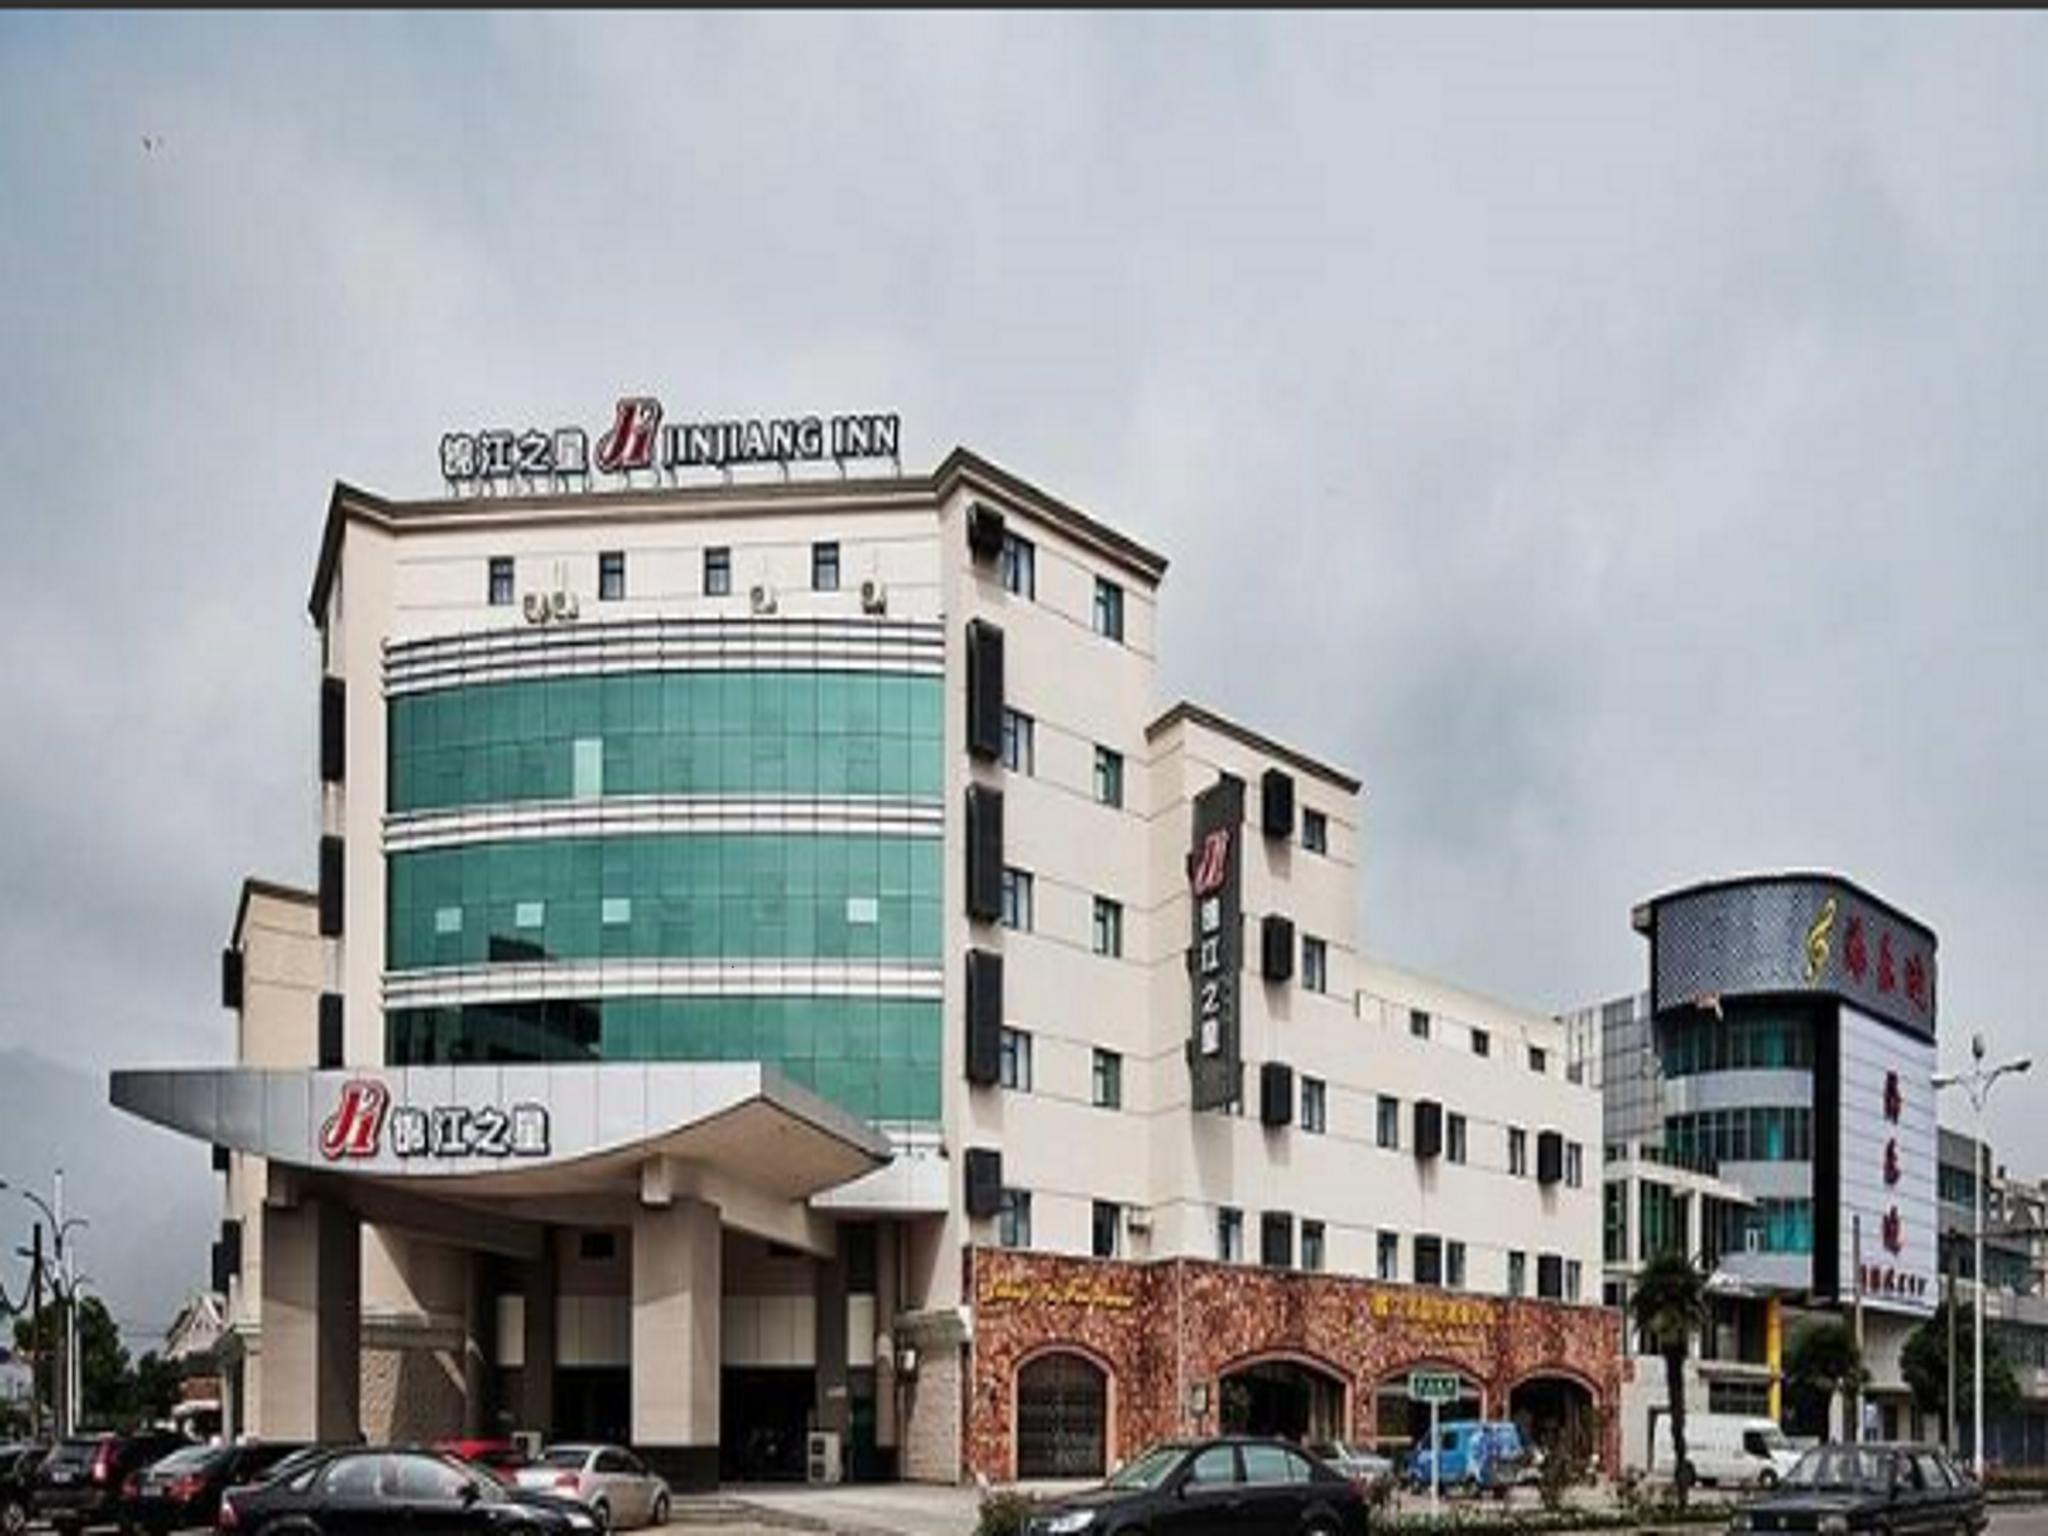 10 best taizhou jiangsu hotels hd photos reviews of hotels in rh agoda com